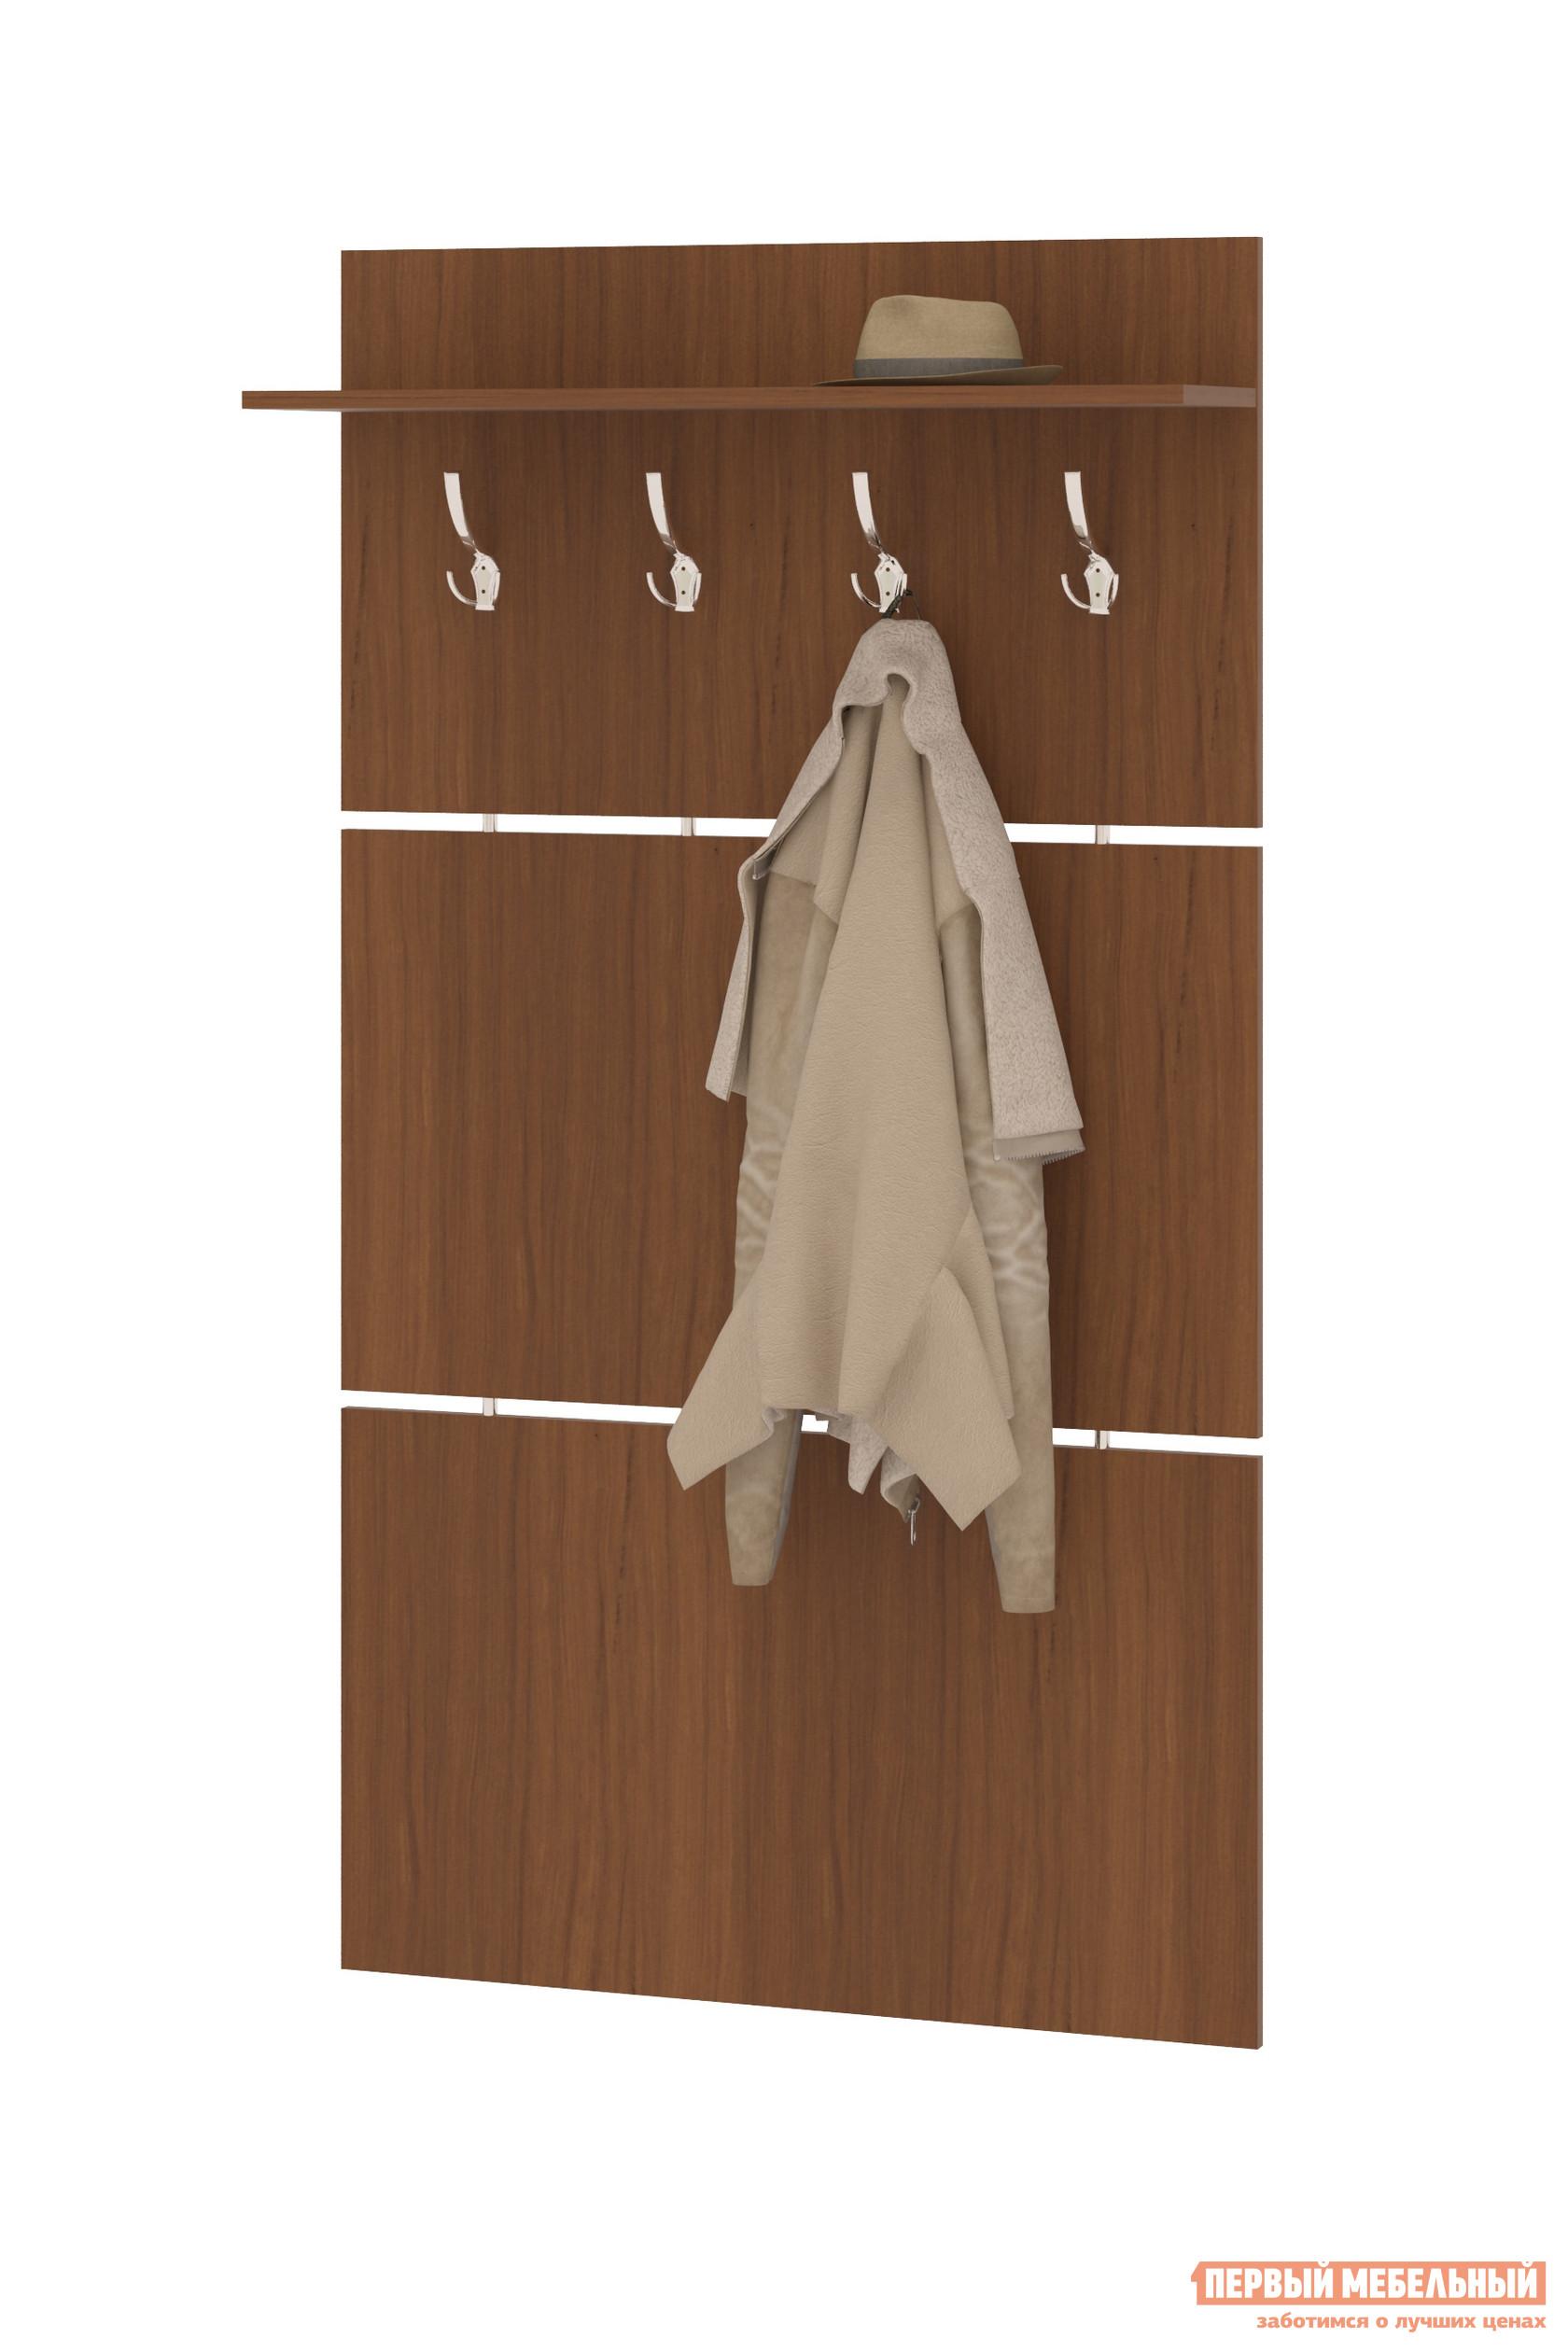 Настенная вешалка Сокол ВШ-3.1 Ноче-эккоНастенные вешалки<br>Габаритные размеры ВхШхГ 1460x900x212 мм. Широкая навесная вешалка, выполненная в строгом стиле, позволит разместить сезонную одежду всей семьи.  Вешалка состоит из 3-х панелей соединенных металлическими  вставками.  На верхней панели располагается четыре 3-хрожковых крючка для одежды. Полка, закрепленная над крючками, предназначена специально для головных уборов и зонтов.  Максимальная нагрузка на полку составляет 5кг. Вешалка изготовлена из высококачественной ДСП 16мм, края отделаны кромкой ПВХ 0. 4мм.  Рекомендуем сохранить инструкцию по сборке (паспорт изделия) до истечения гарантийного срока.<br><br>Цвет: Ноче-экко<br>Цвет: Коричневое дерево<br>Высота мм: 1460<br>Ширина мм: 900<br>Глубина мм: 212<br>Кол-во упаковок: 1<br>Форма поставки: В разобранном виде<br>Срок гарантии: 2 года<br>Материал: Деревянные<br>Особенности: С полкой